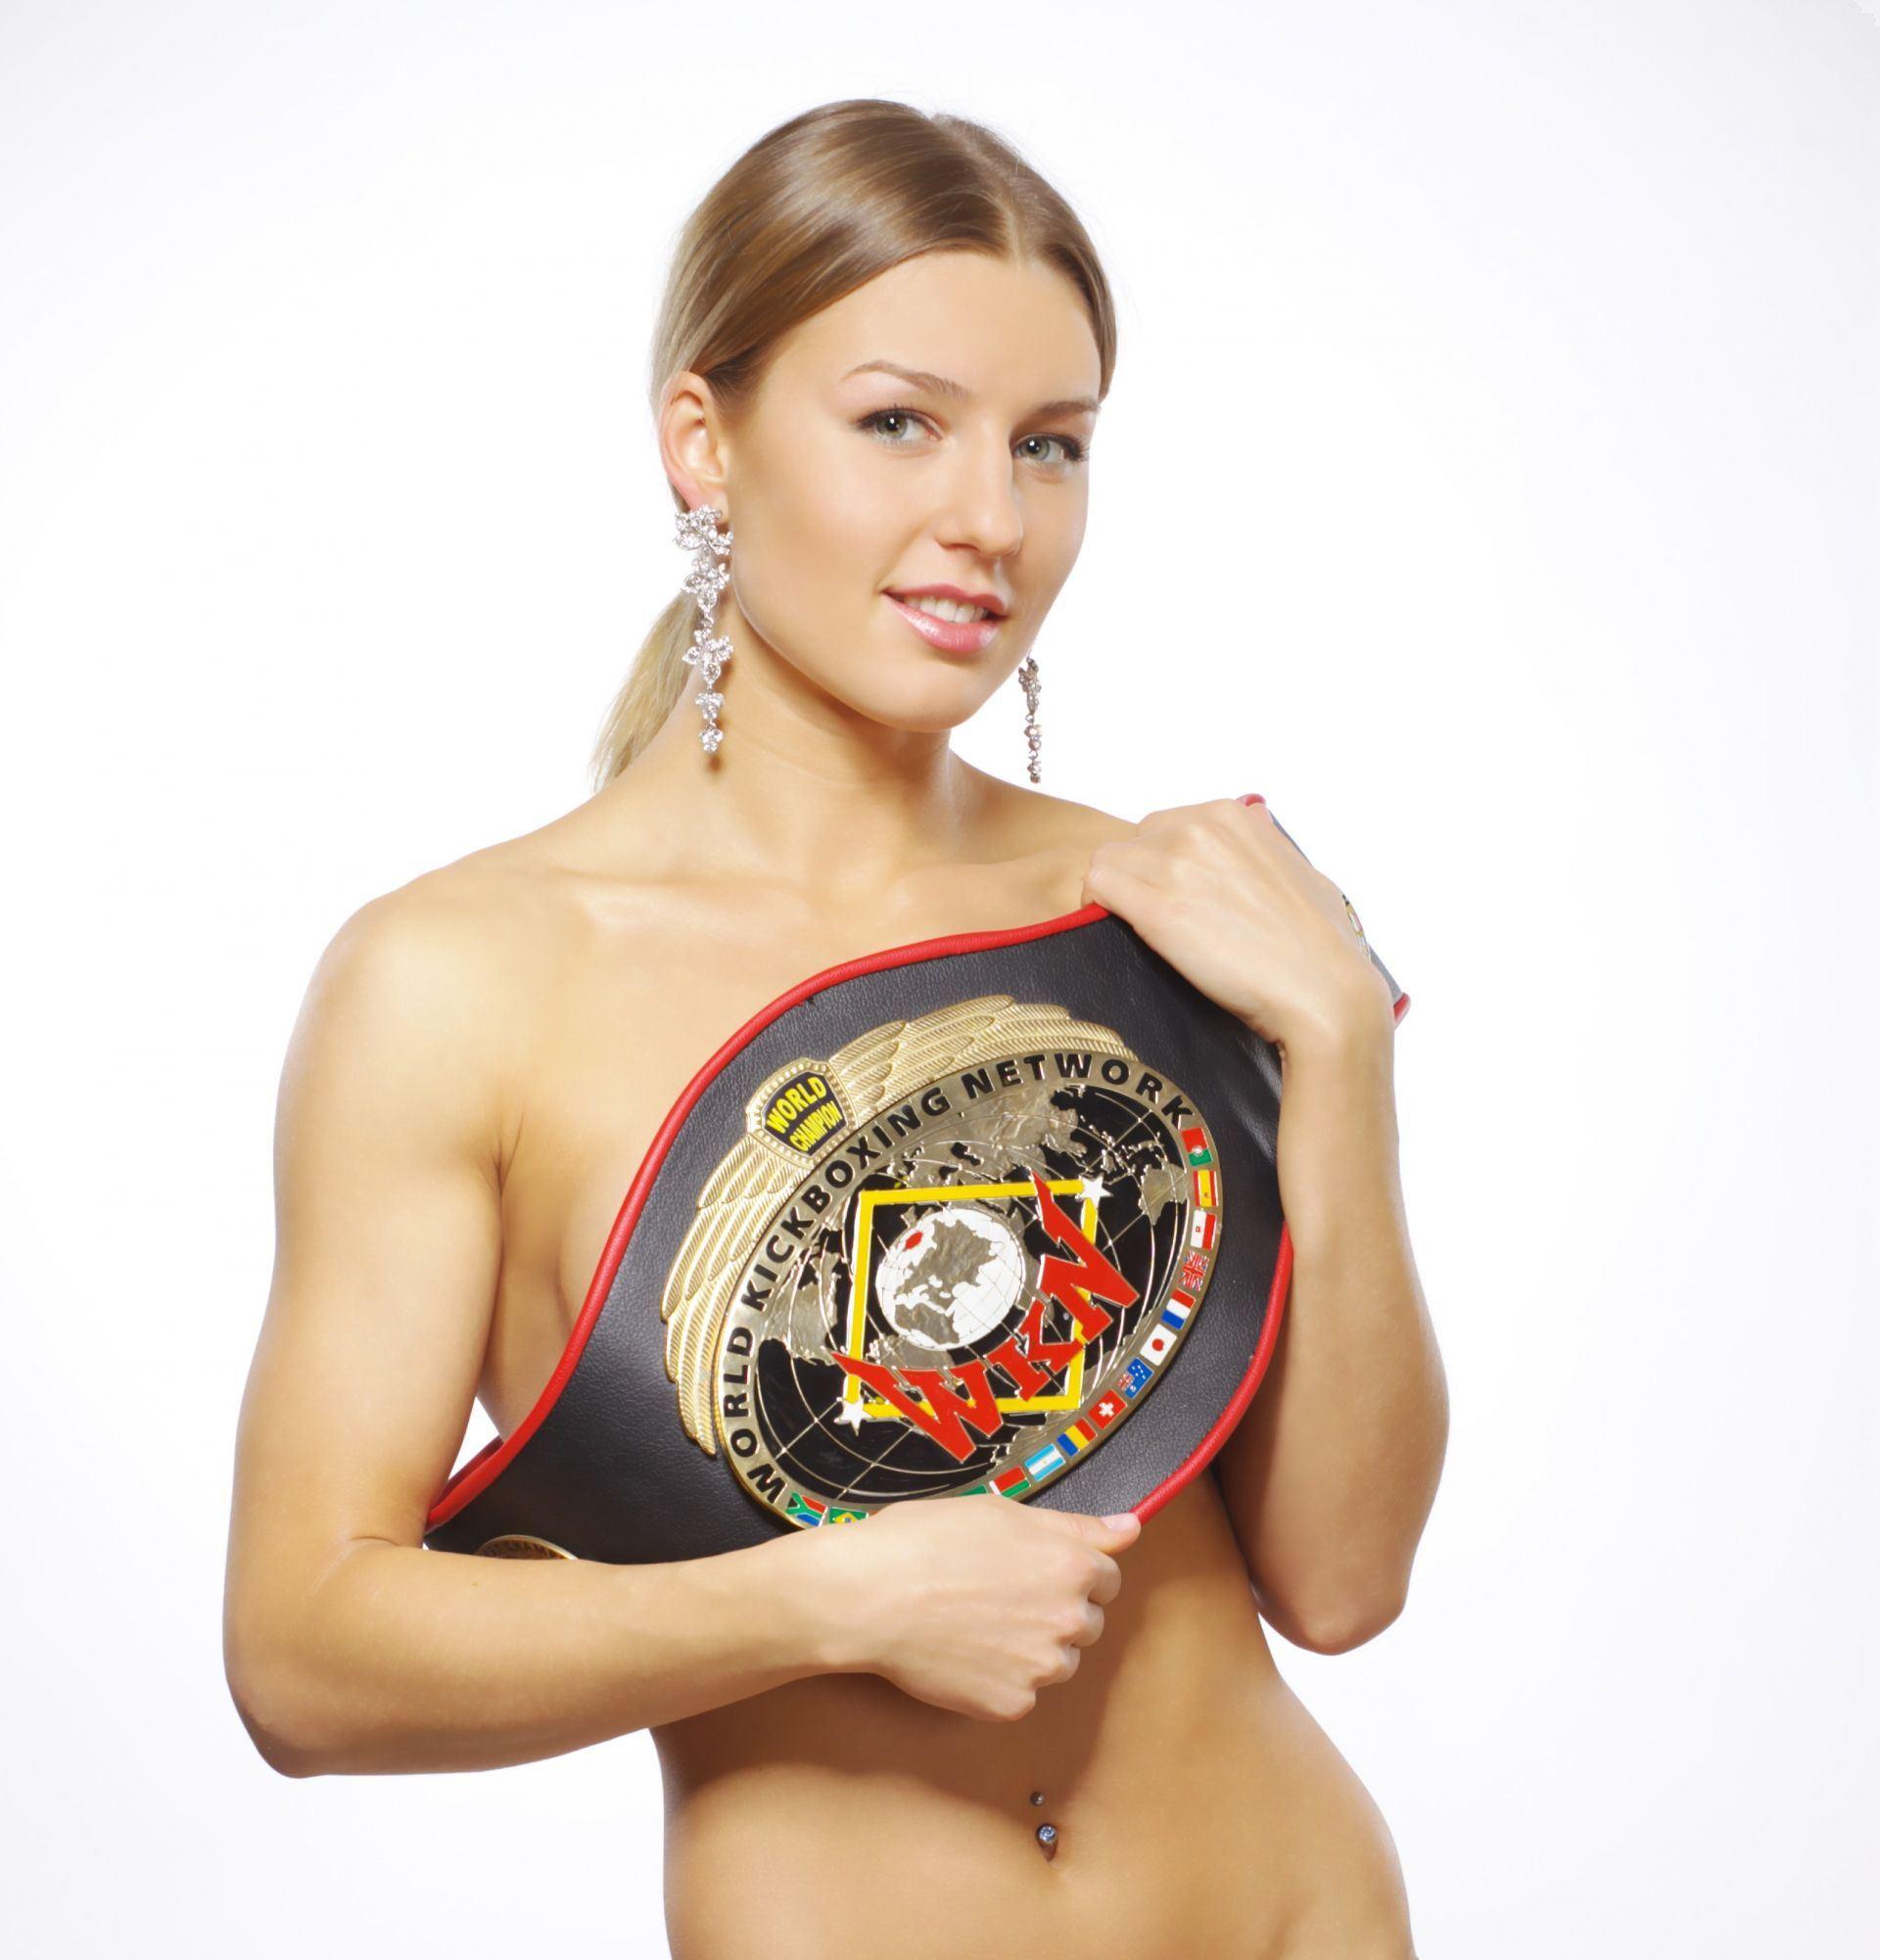 Khó thở vì vòng một của nữ võ sĩ Ekaterina Vandaryeva - Hình 1